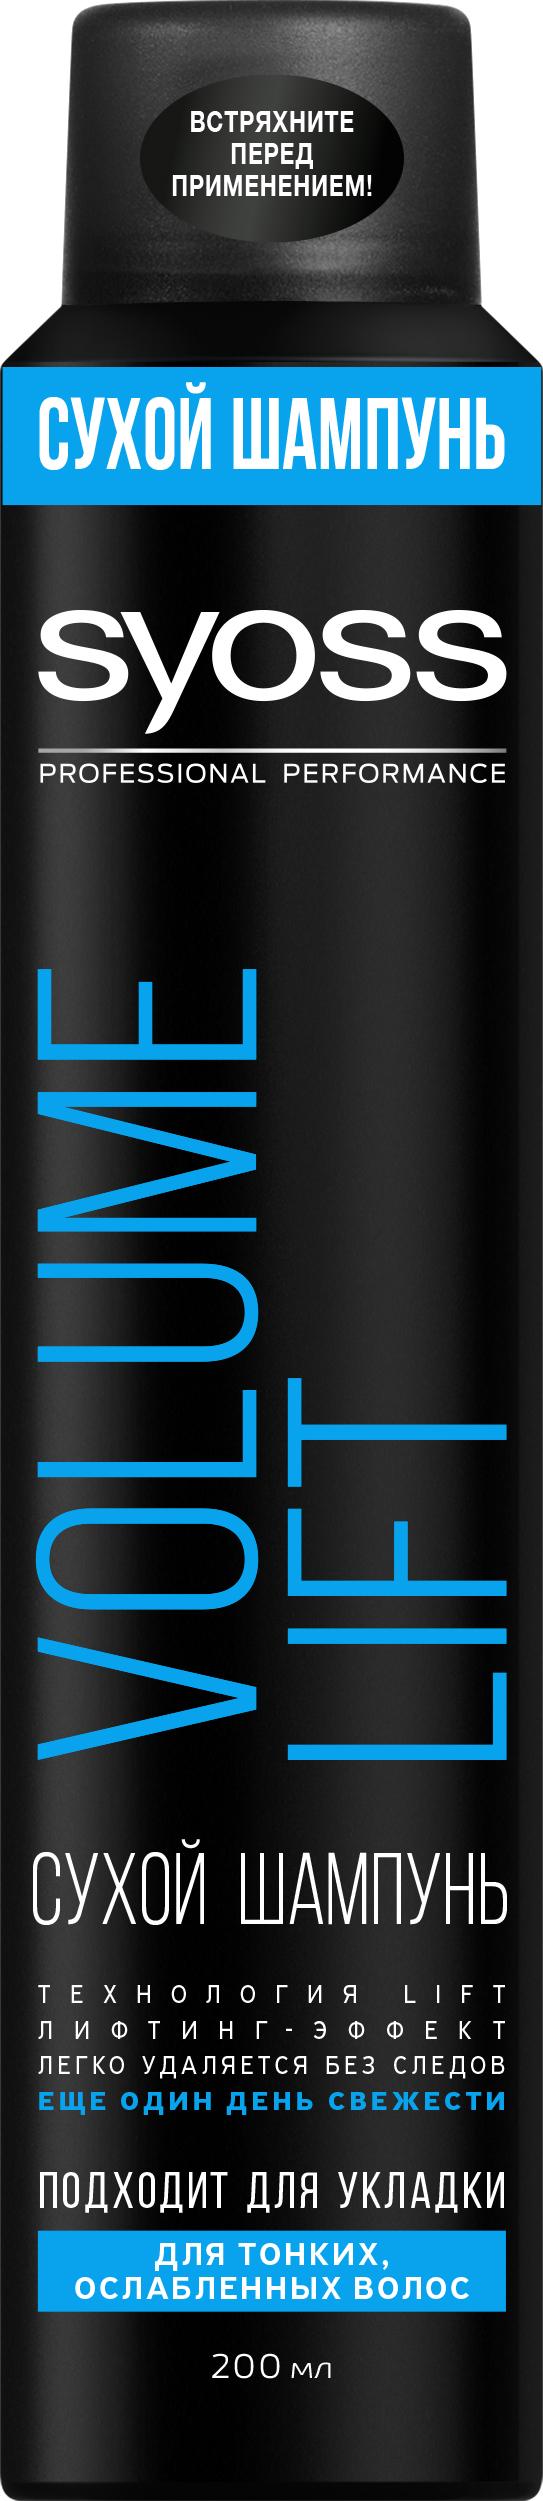 Syoss Шампунь Volume Lift, сухой, для тонких и ослабленных волос, 200 мл9034211Сухой Шампунь Syoss Volume Lift специально разработан для тонких и ослабленных волос. Придает волосам видимый объем без утяжеления, не оставляет видимых следов при тщательном расчесывании. Шампунь не содержит силикона, и включает в себя натуральные Рекомендуем!